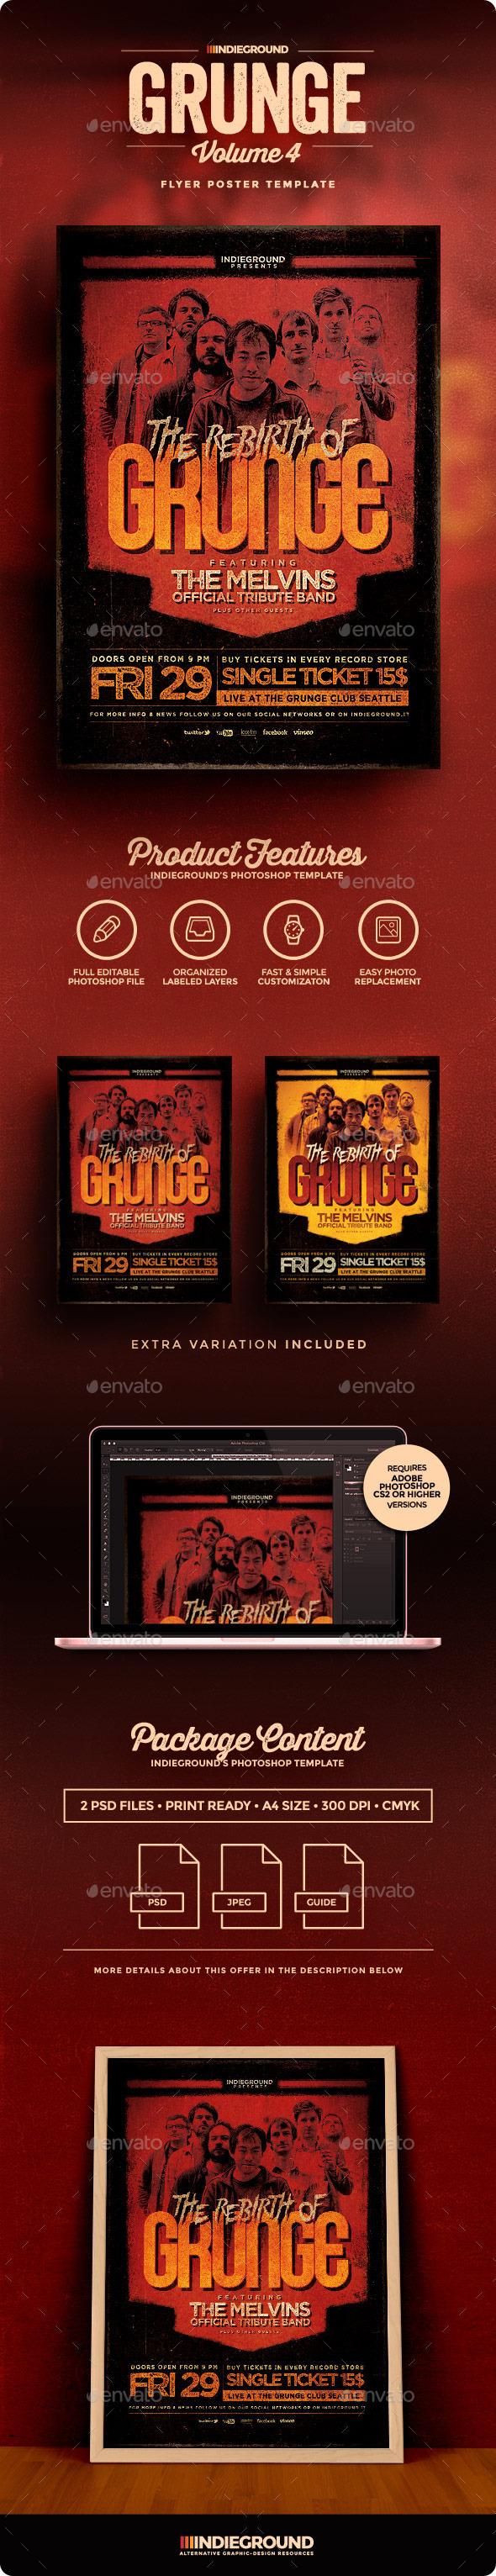 Grunge Flyer/Poster Vol. 4 - Concerts Events